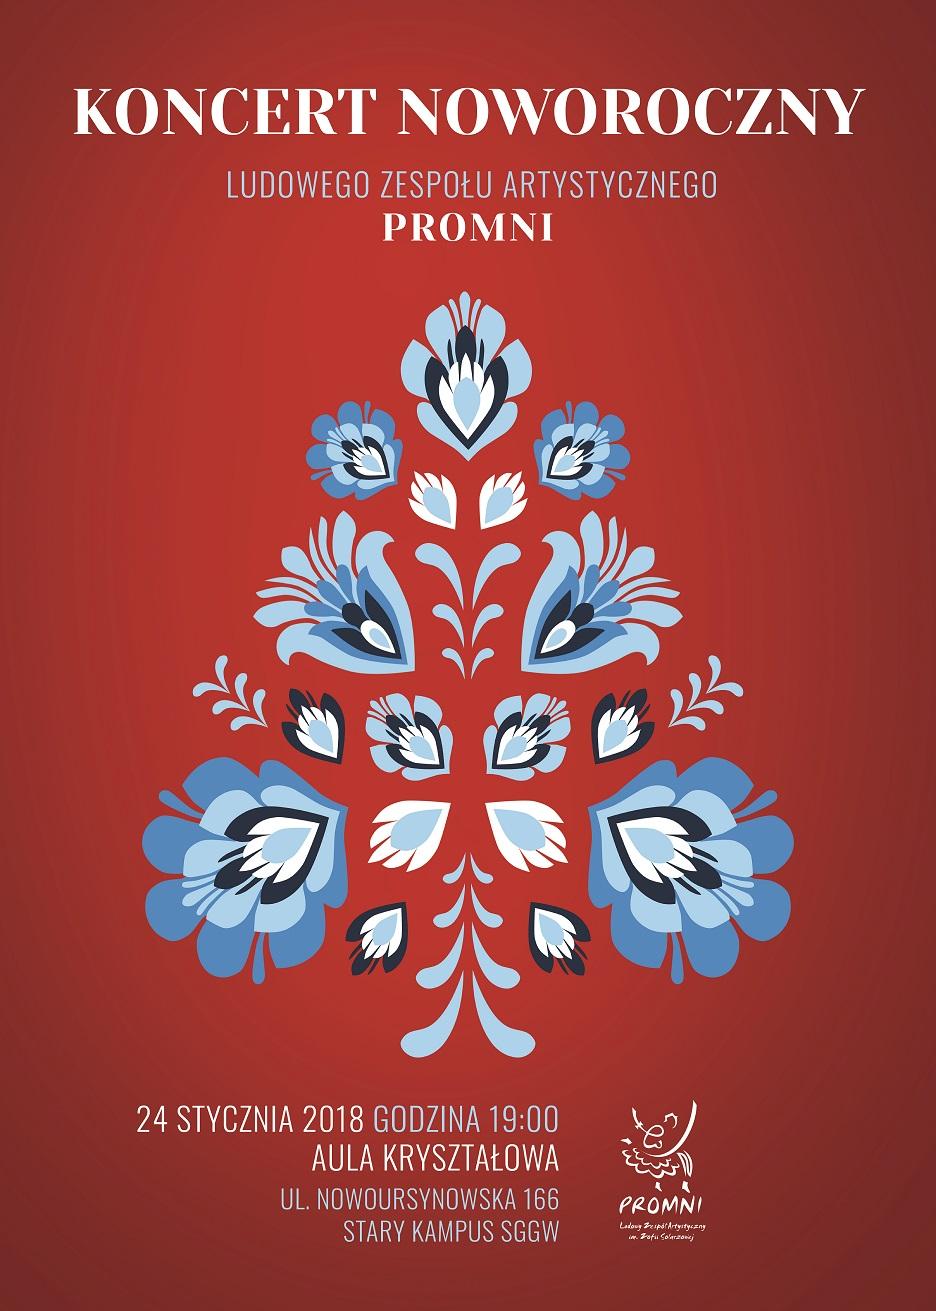 Tańce Krakowiaków Wschodnich Lza Promni